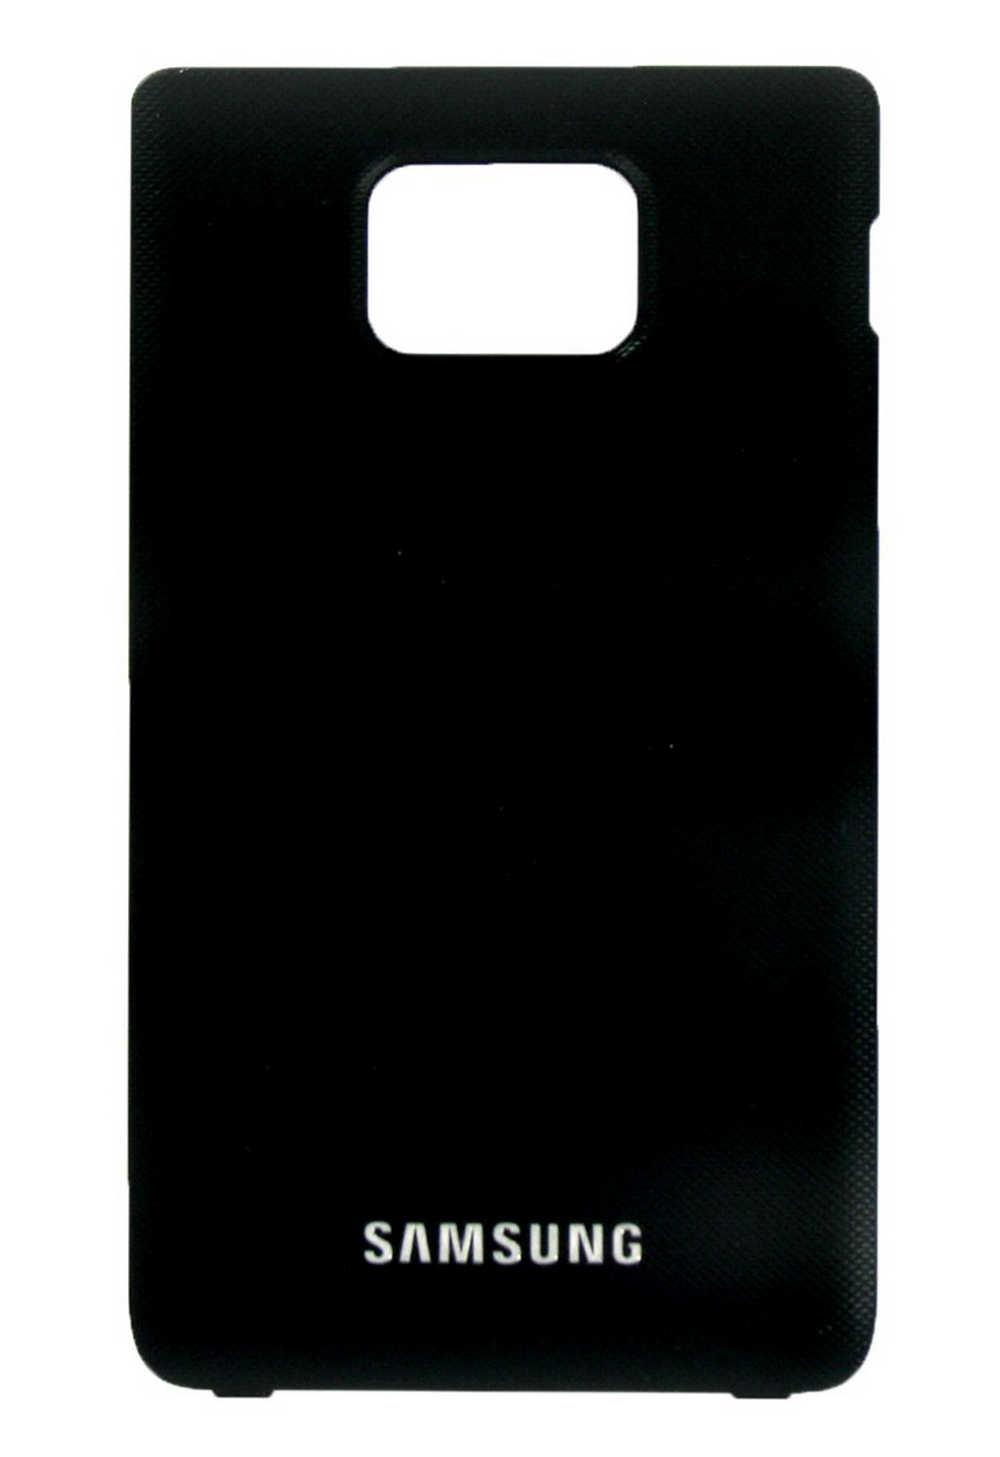 Καπάκι Μπαταρίας Samsung i9100 Galaxy S II Μαύρο Original GH98-19595A